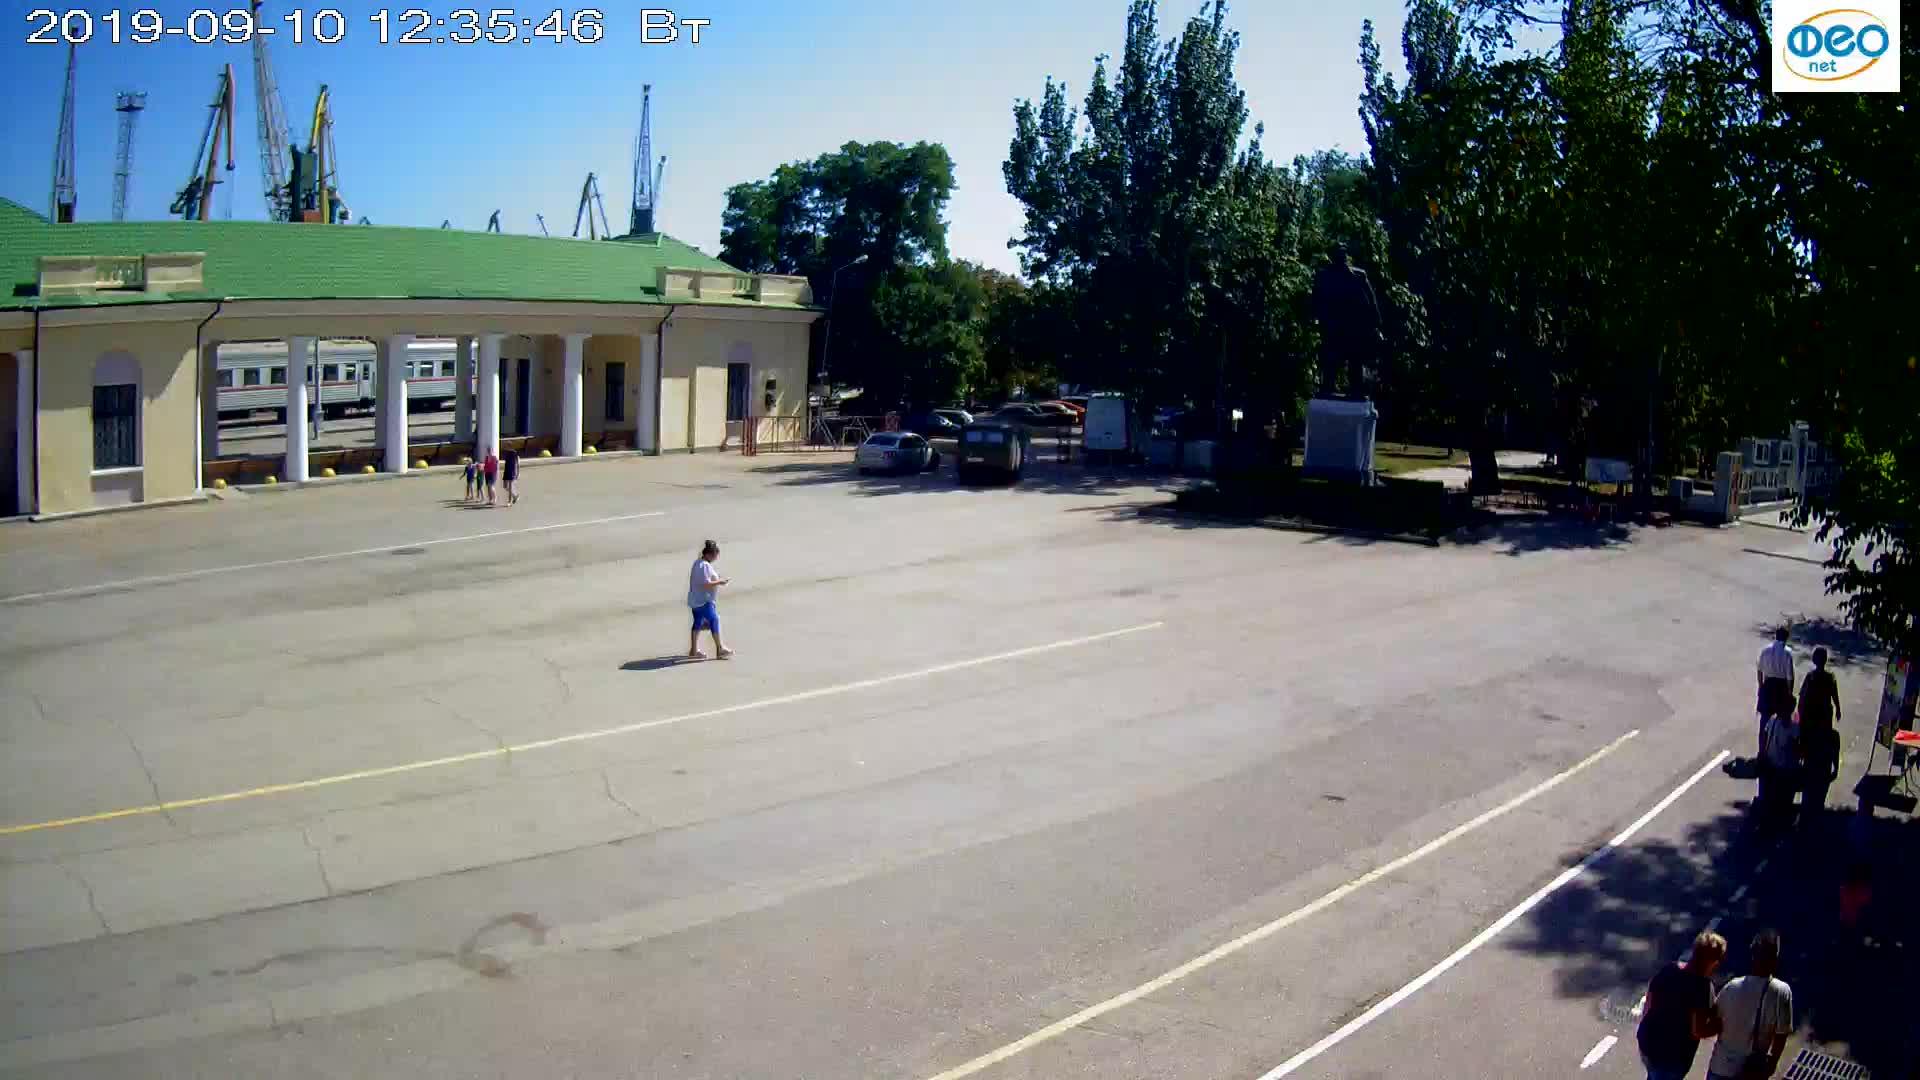 Веб-камеры Феодосии, Привокзальная площадь 2, 2019-09-10 12:23:09